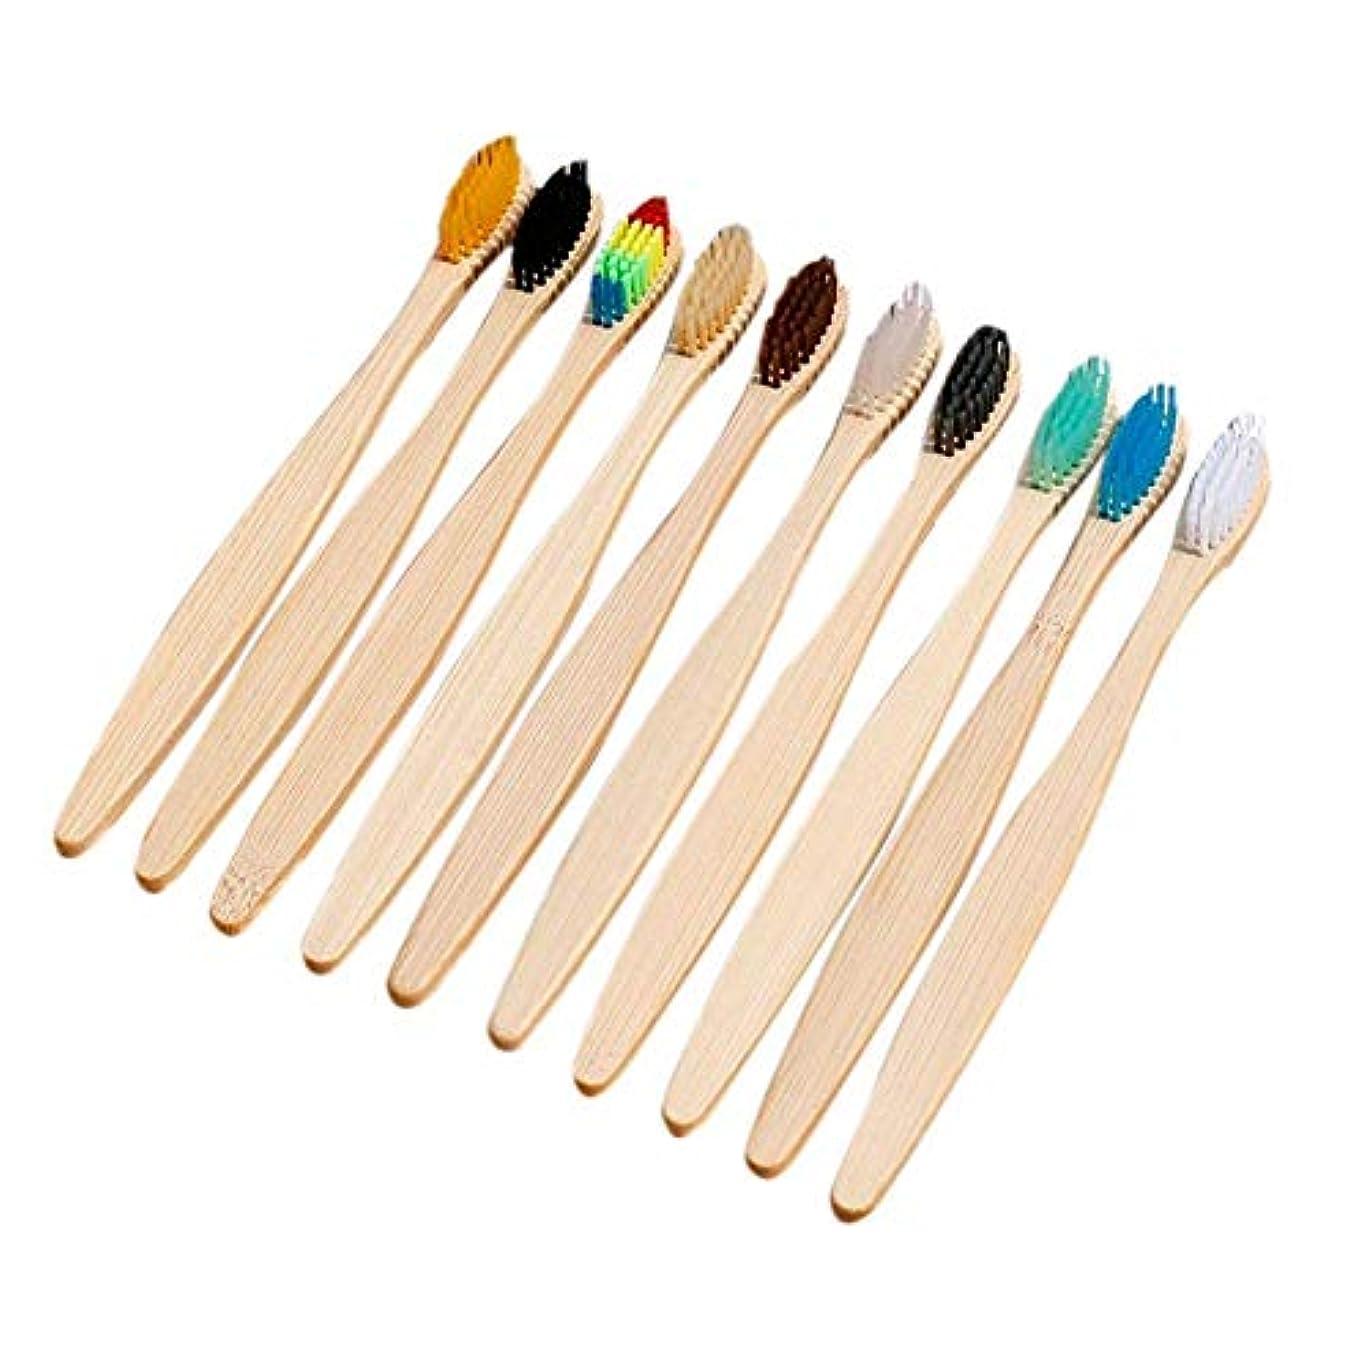 パターンゴムエリート竹歯ブラシ、プレミアムナチュラルオーガニック竹歯ブラシ、生分解性木製歯ブラシソフトブリストル大人の歯ブラシ、口腔ケア